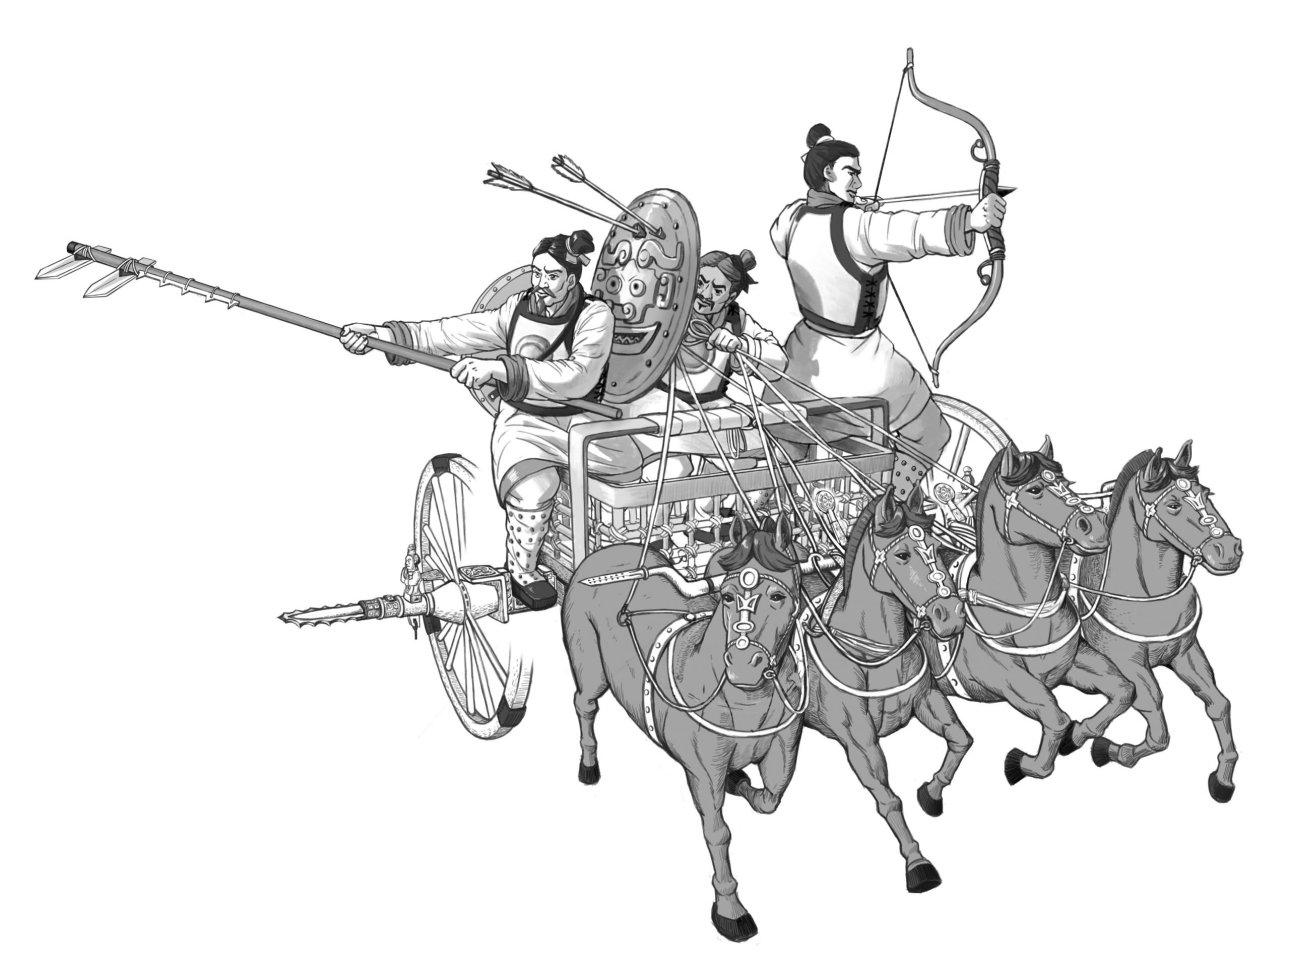 殷商時期馬車很稀少,推測是從歐亞草原傳入。死對頭周人從草原民族吸收造車技術,成為大戰時的祕密武器,在牧野之戰一舉擊潰商軍,就此揭開了車戰時代的序幕。圖為西周車戰示意圖。 圖│中研院歷史語言研究所